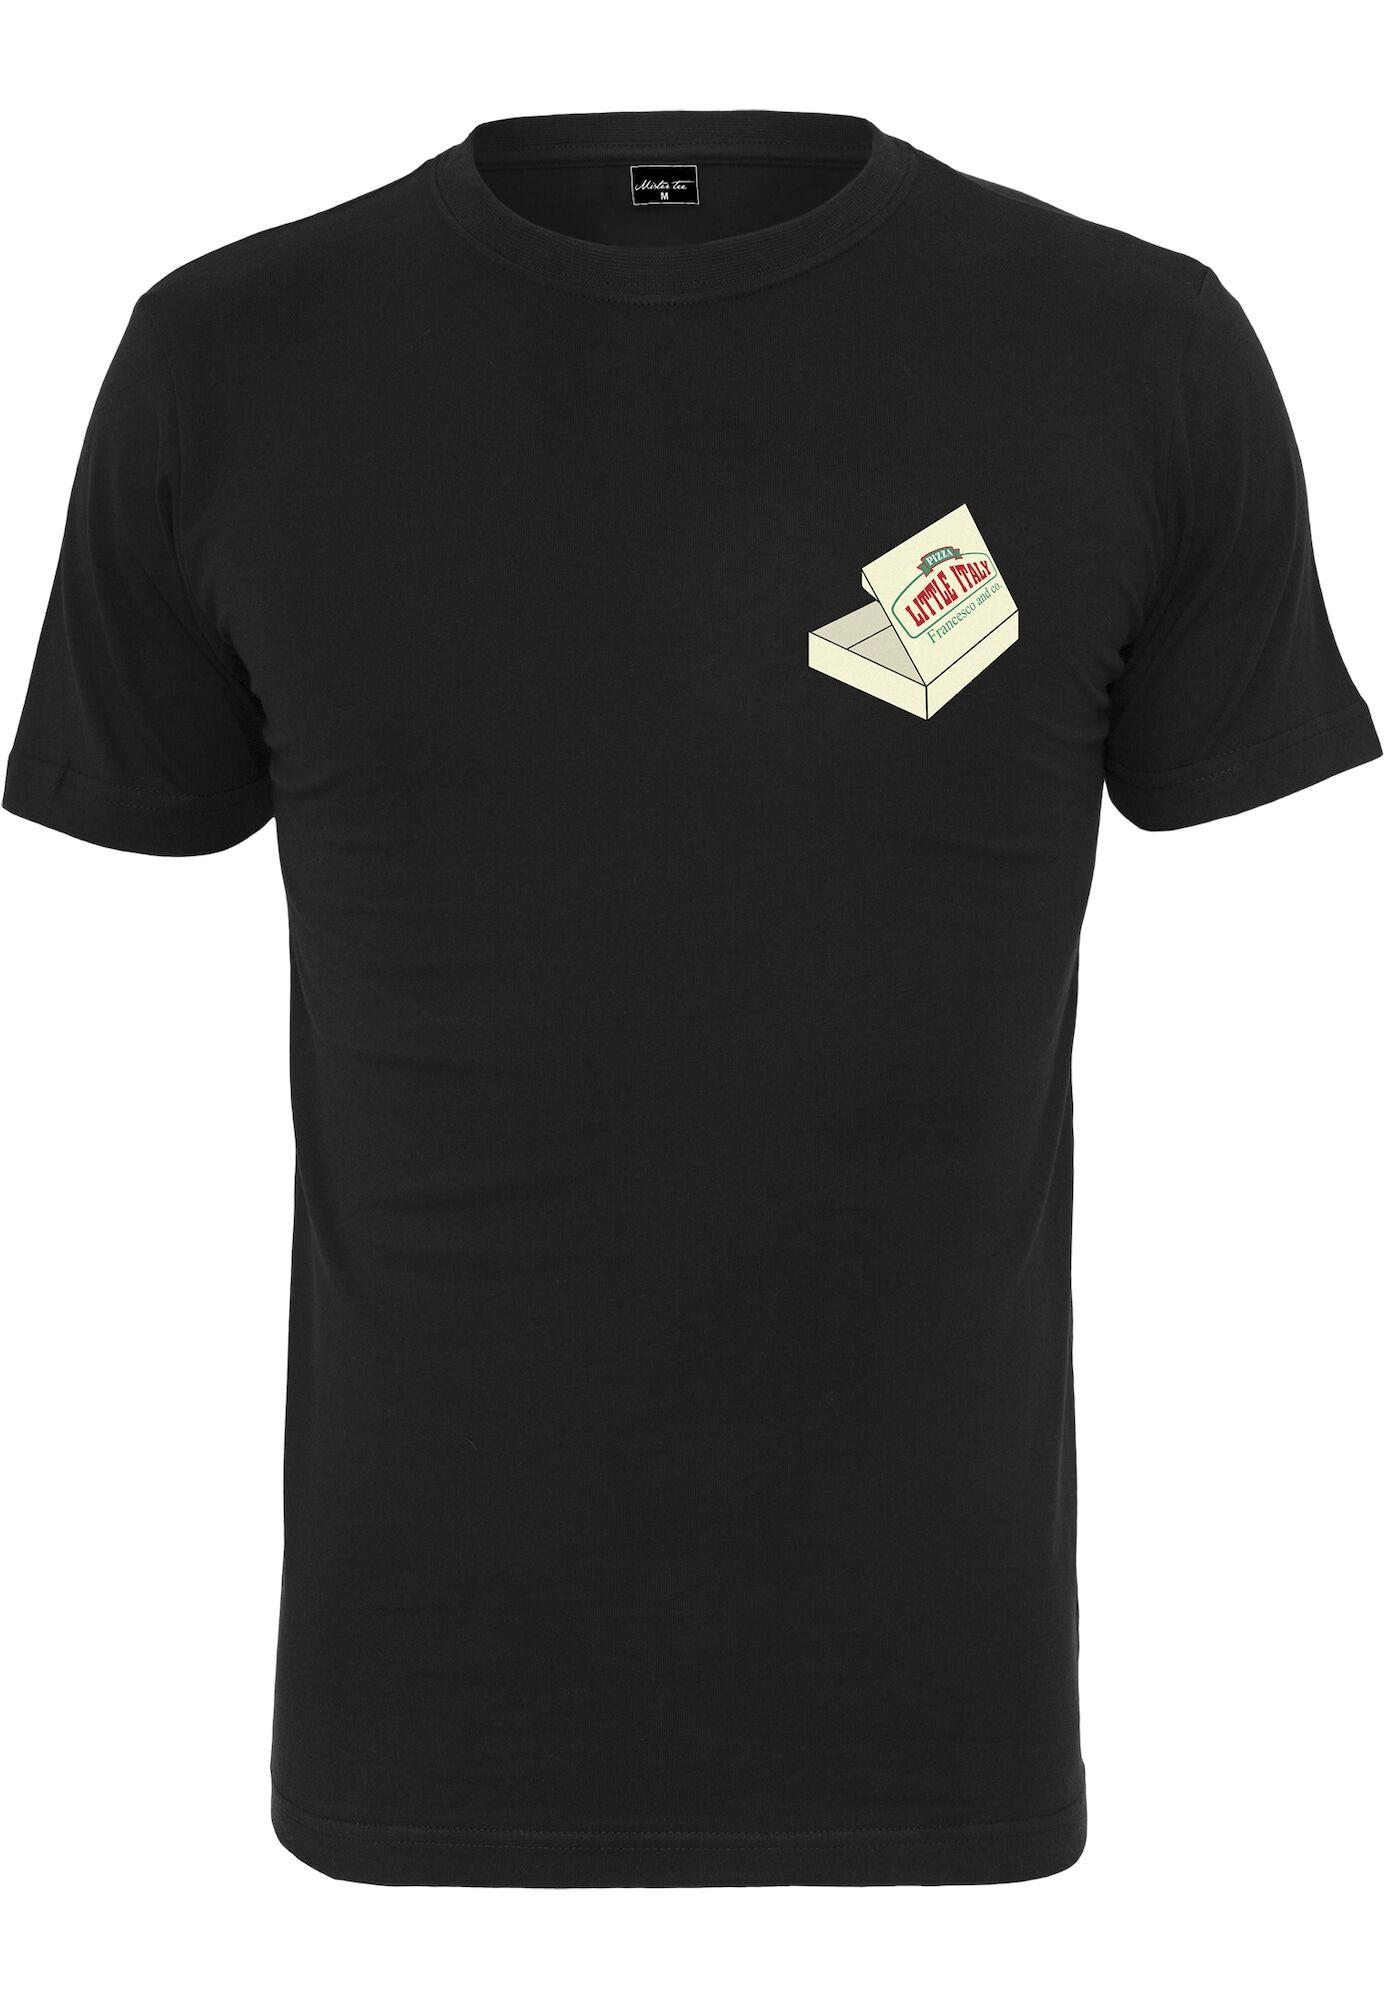 Tee T-Shirt 'Pizza Francesco'  - Noir - Taille: S - male